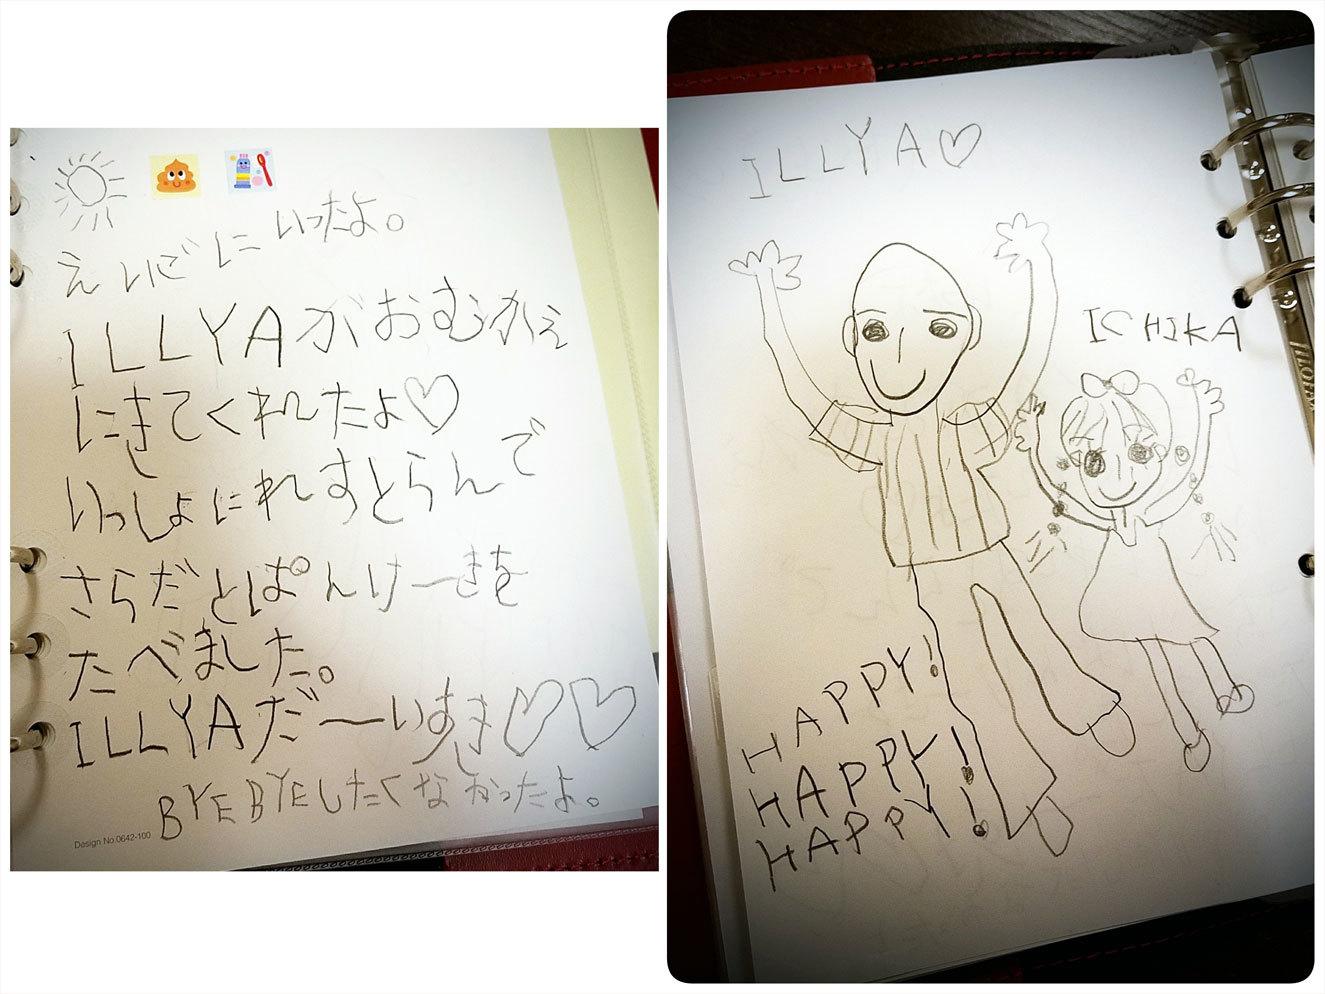 ILLYA&母娘で良い時間☆(英語スクールの送迎付き!)_d0224894_03292208.jpg